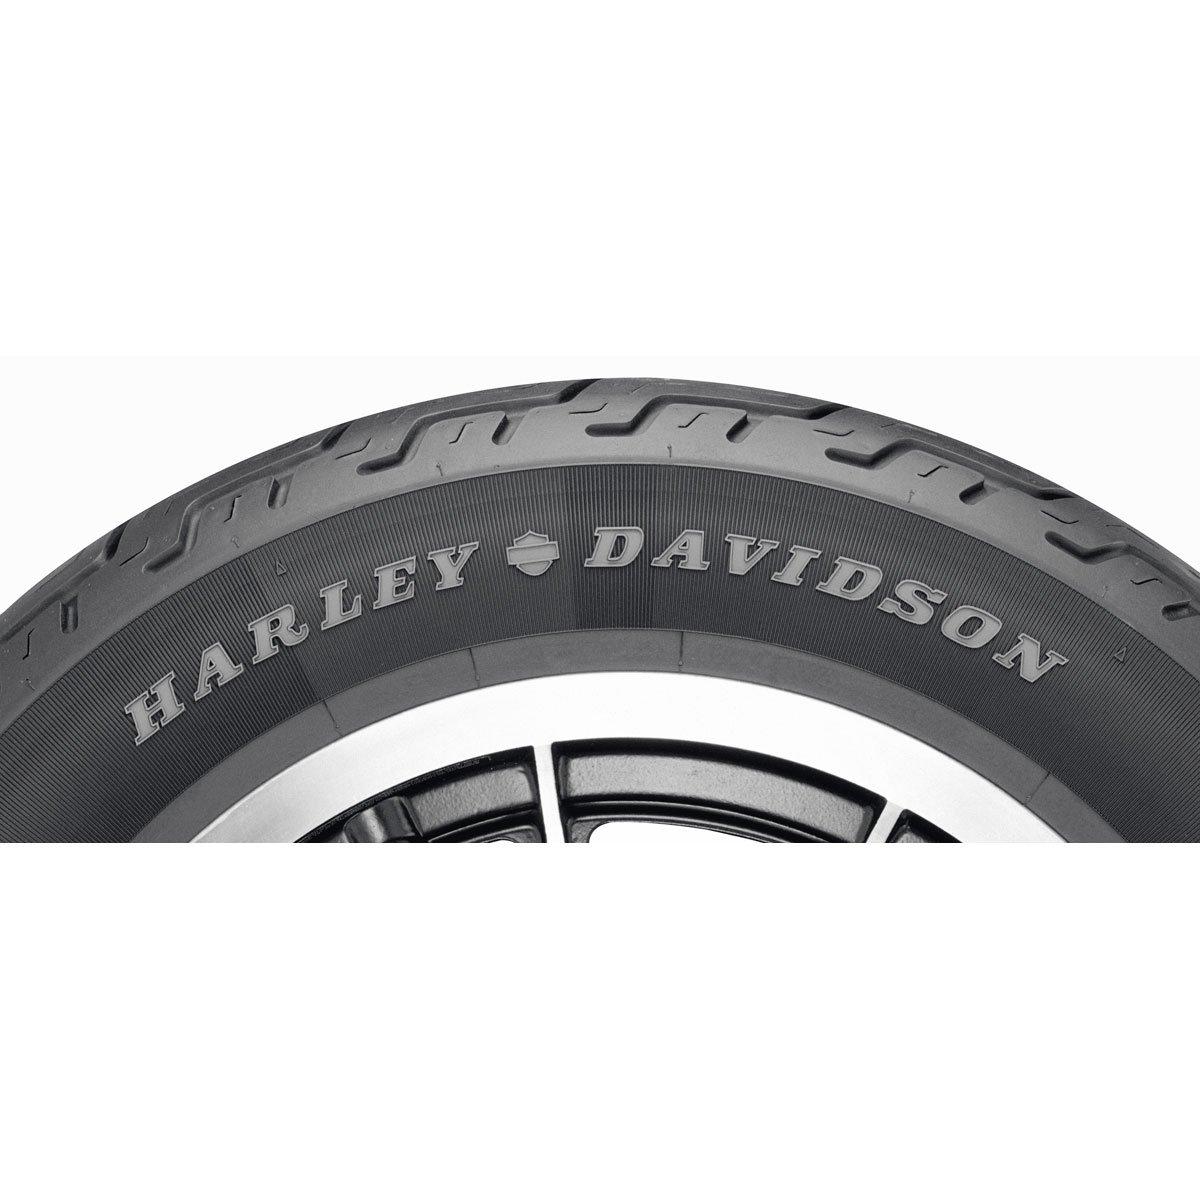 Dunlop D402 Blackwall Touring Rear Tire MU85B16